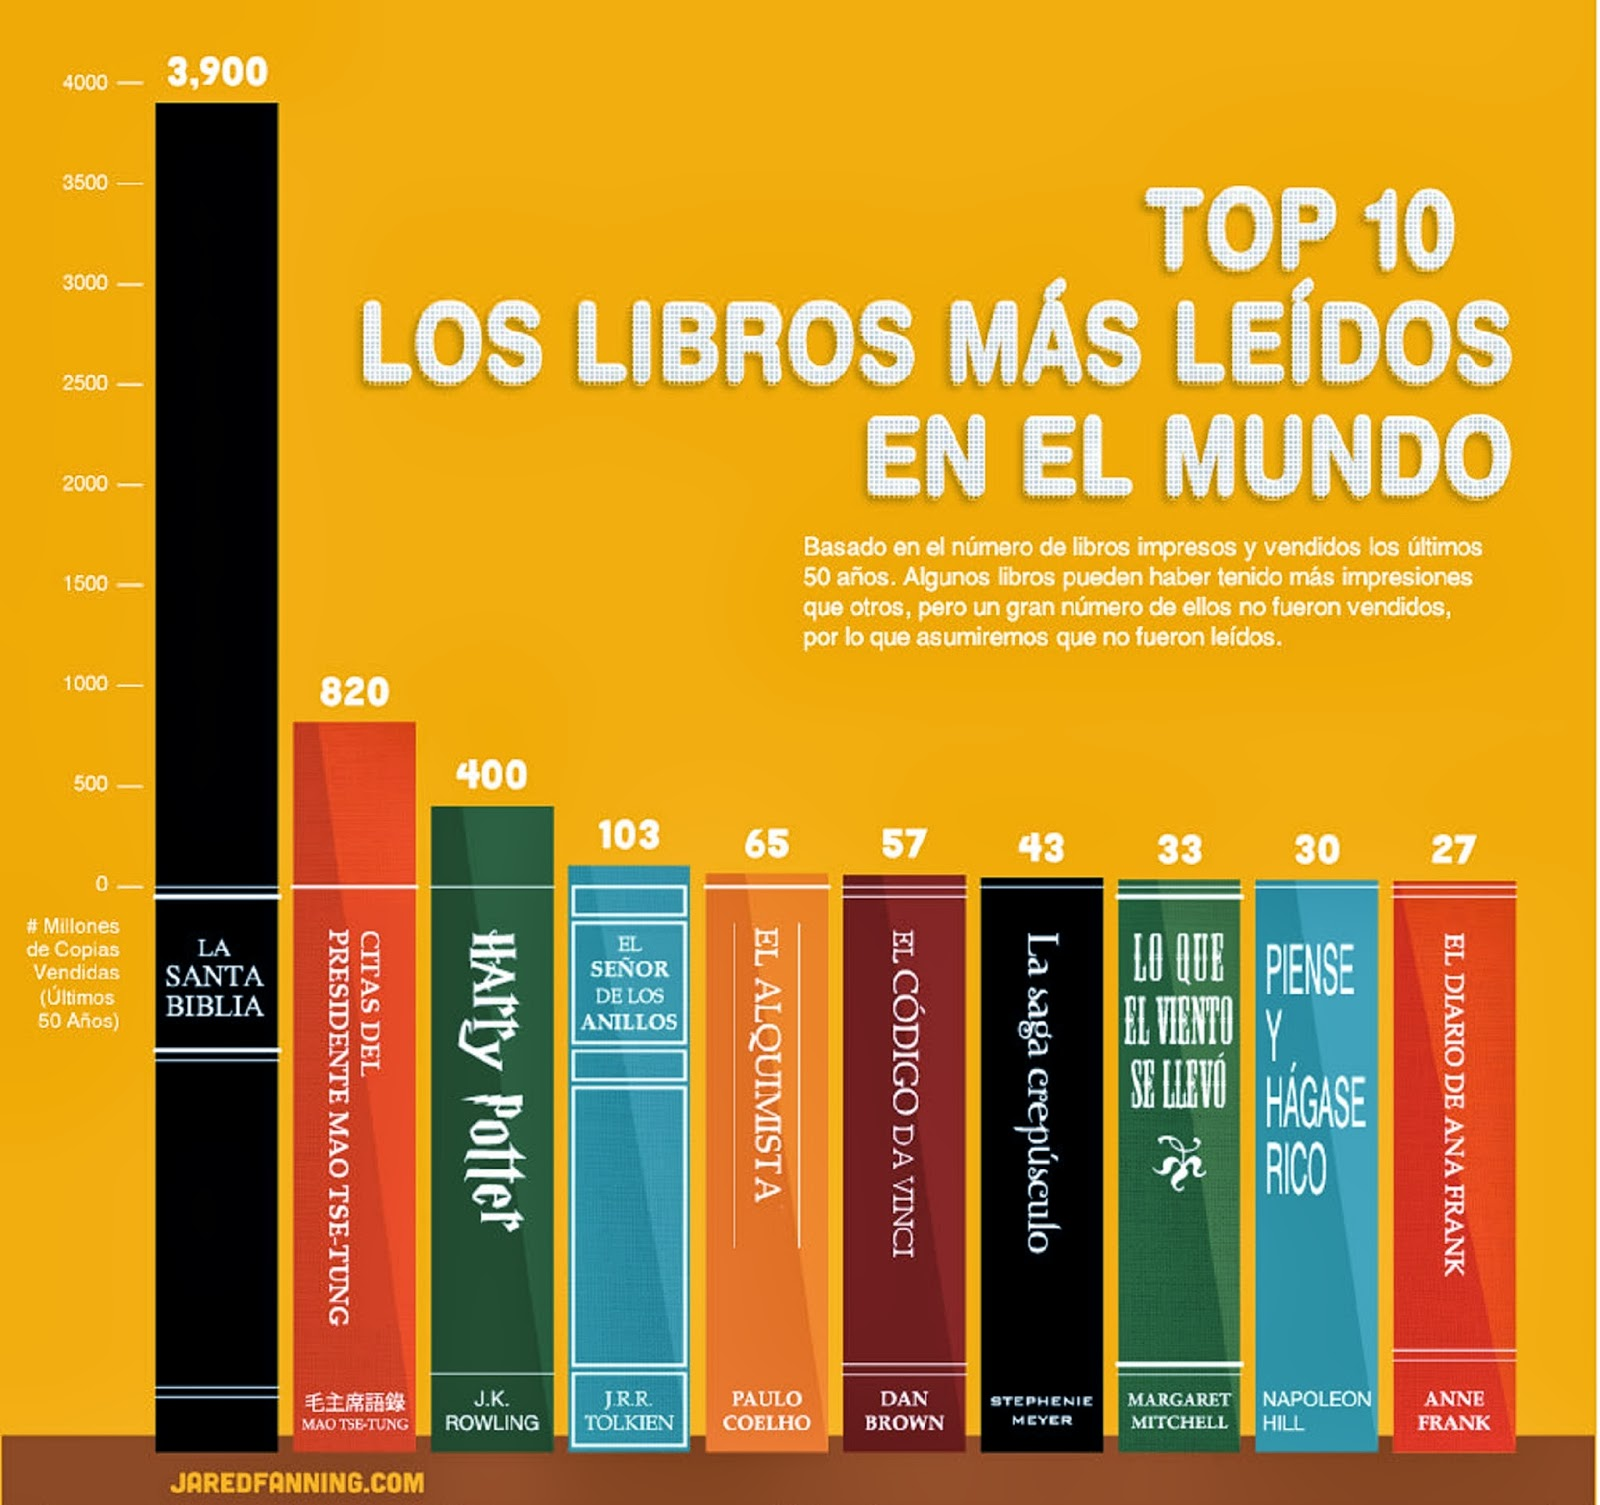 10 libros mas vendidos: